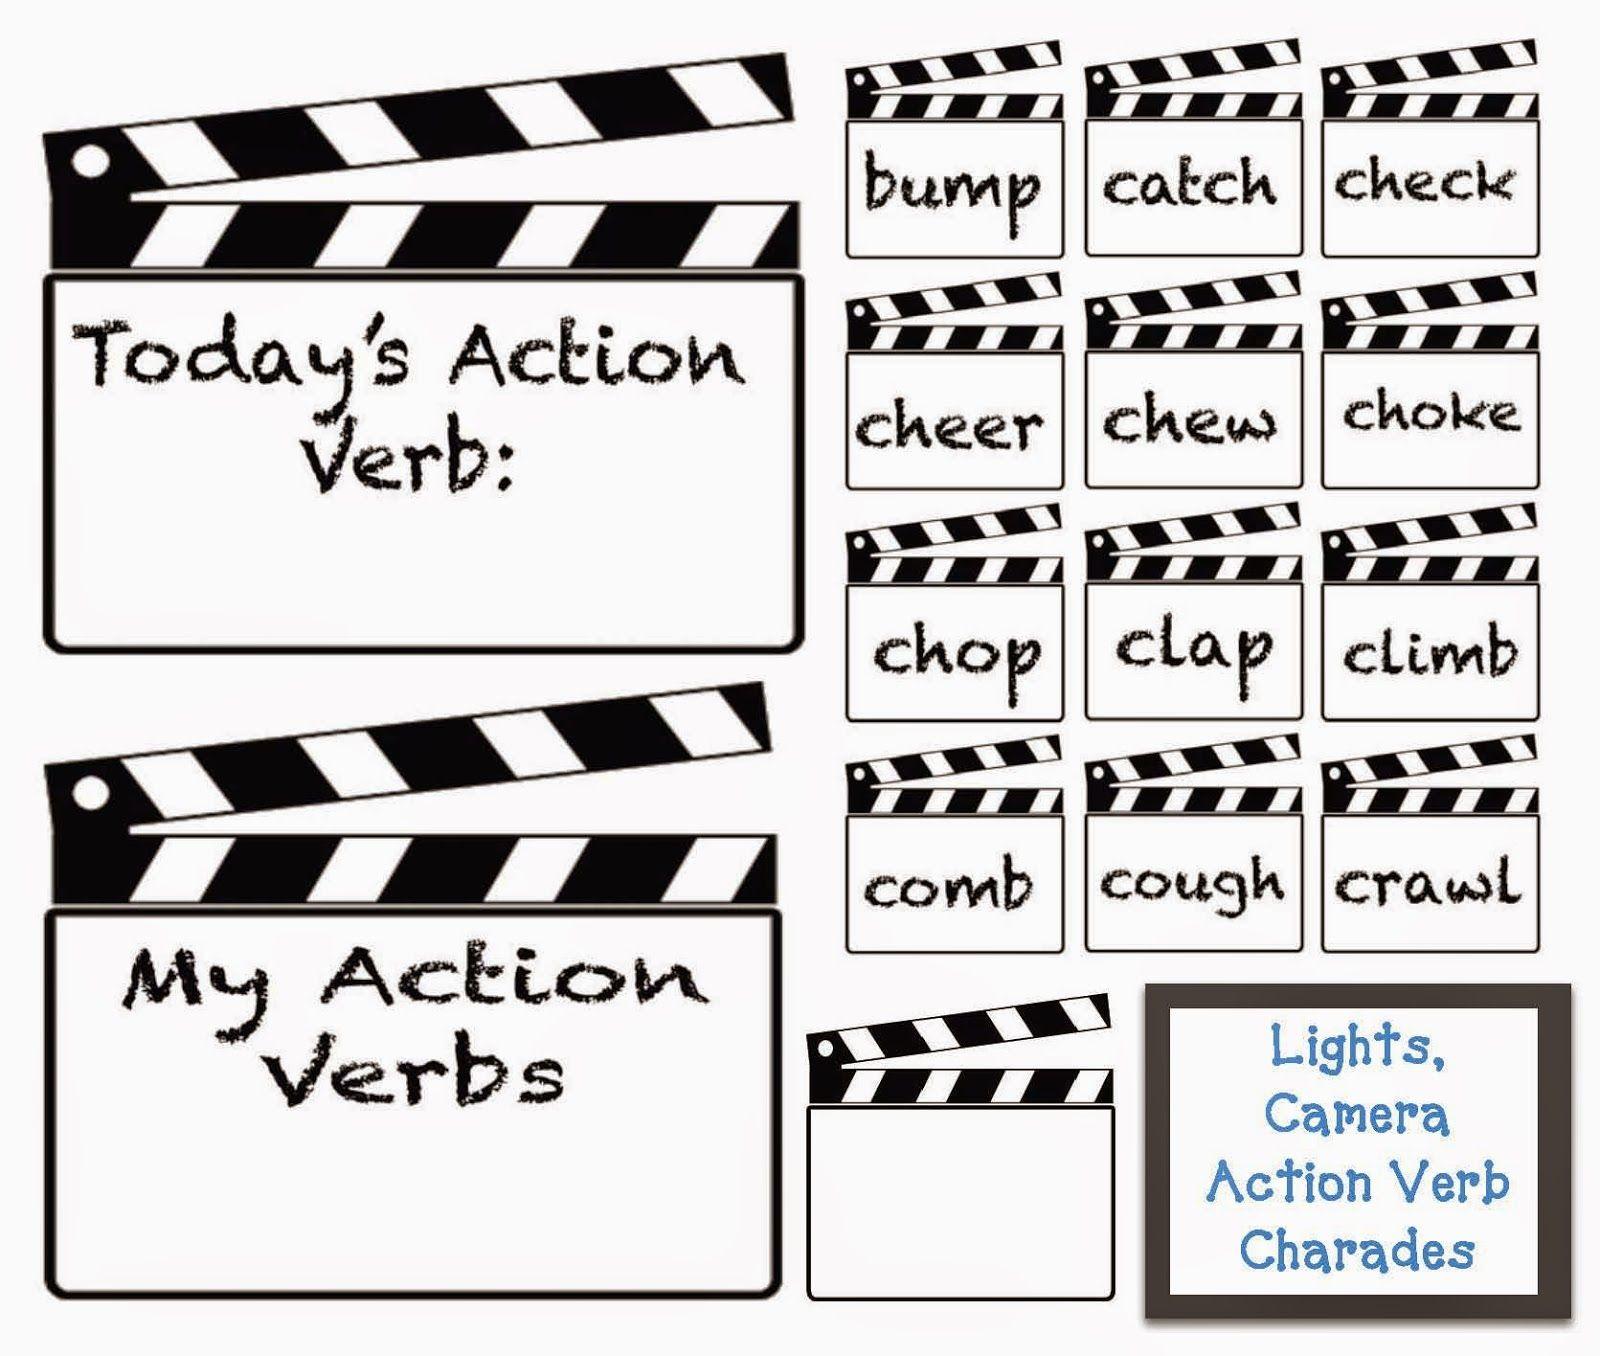 lights camera action verbs charades action verbs charades and